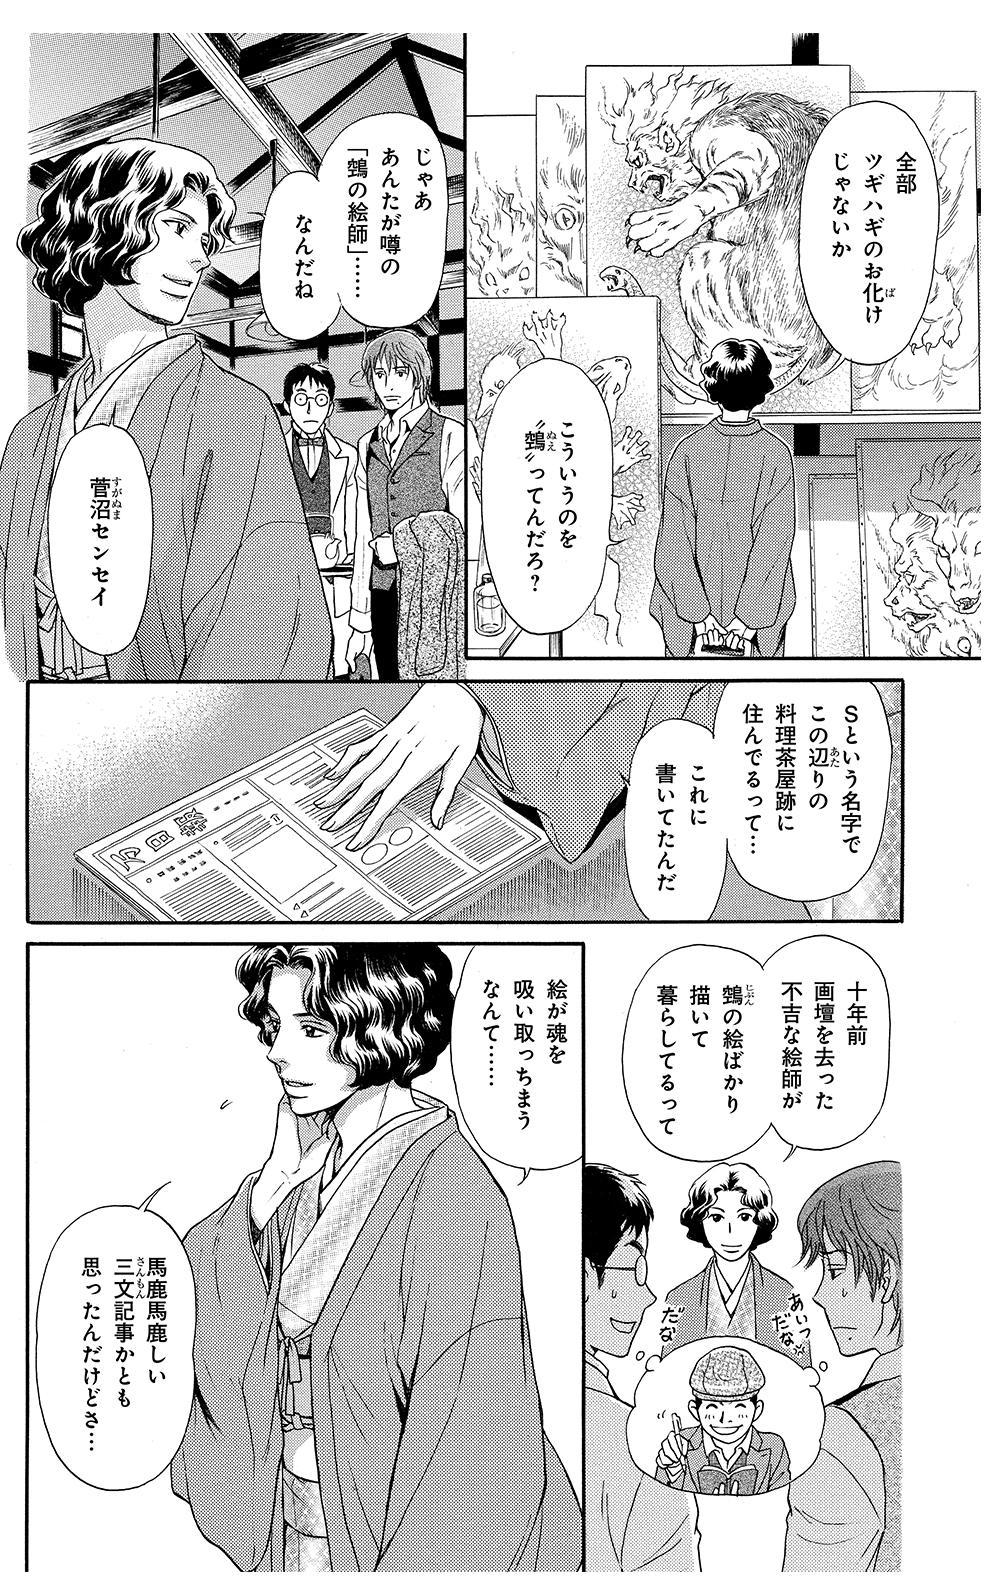 鵼の絵師 第2話「おきみやげ」①nue03-06.jpg